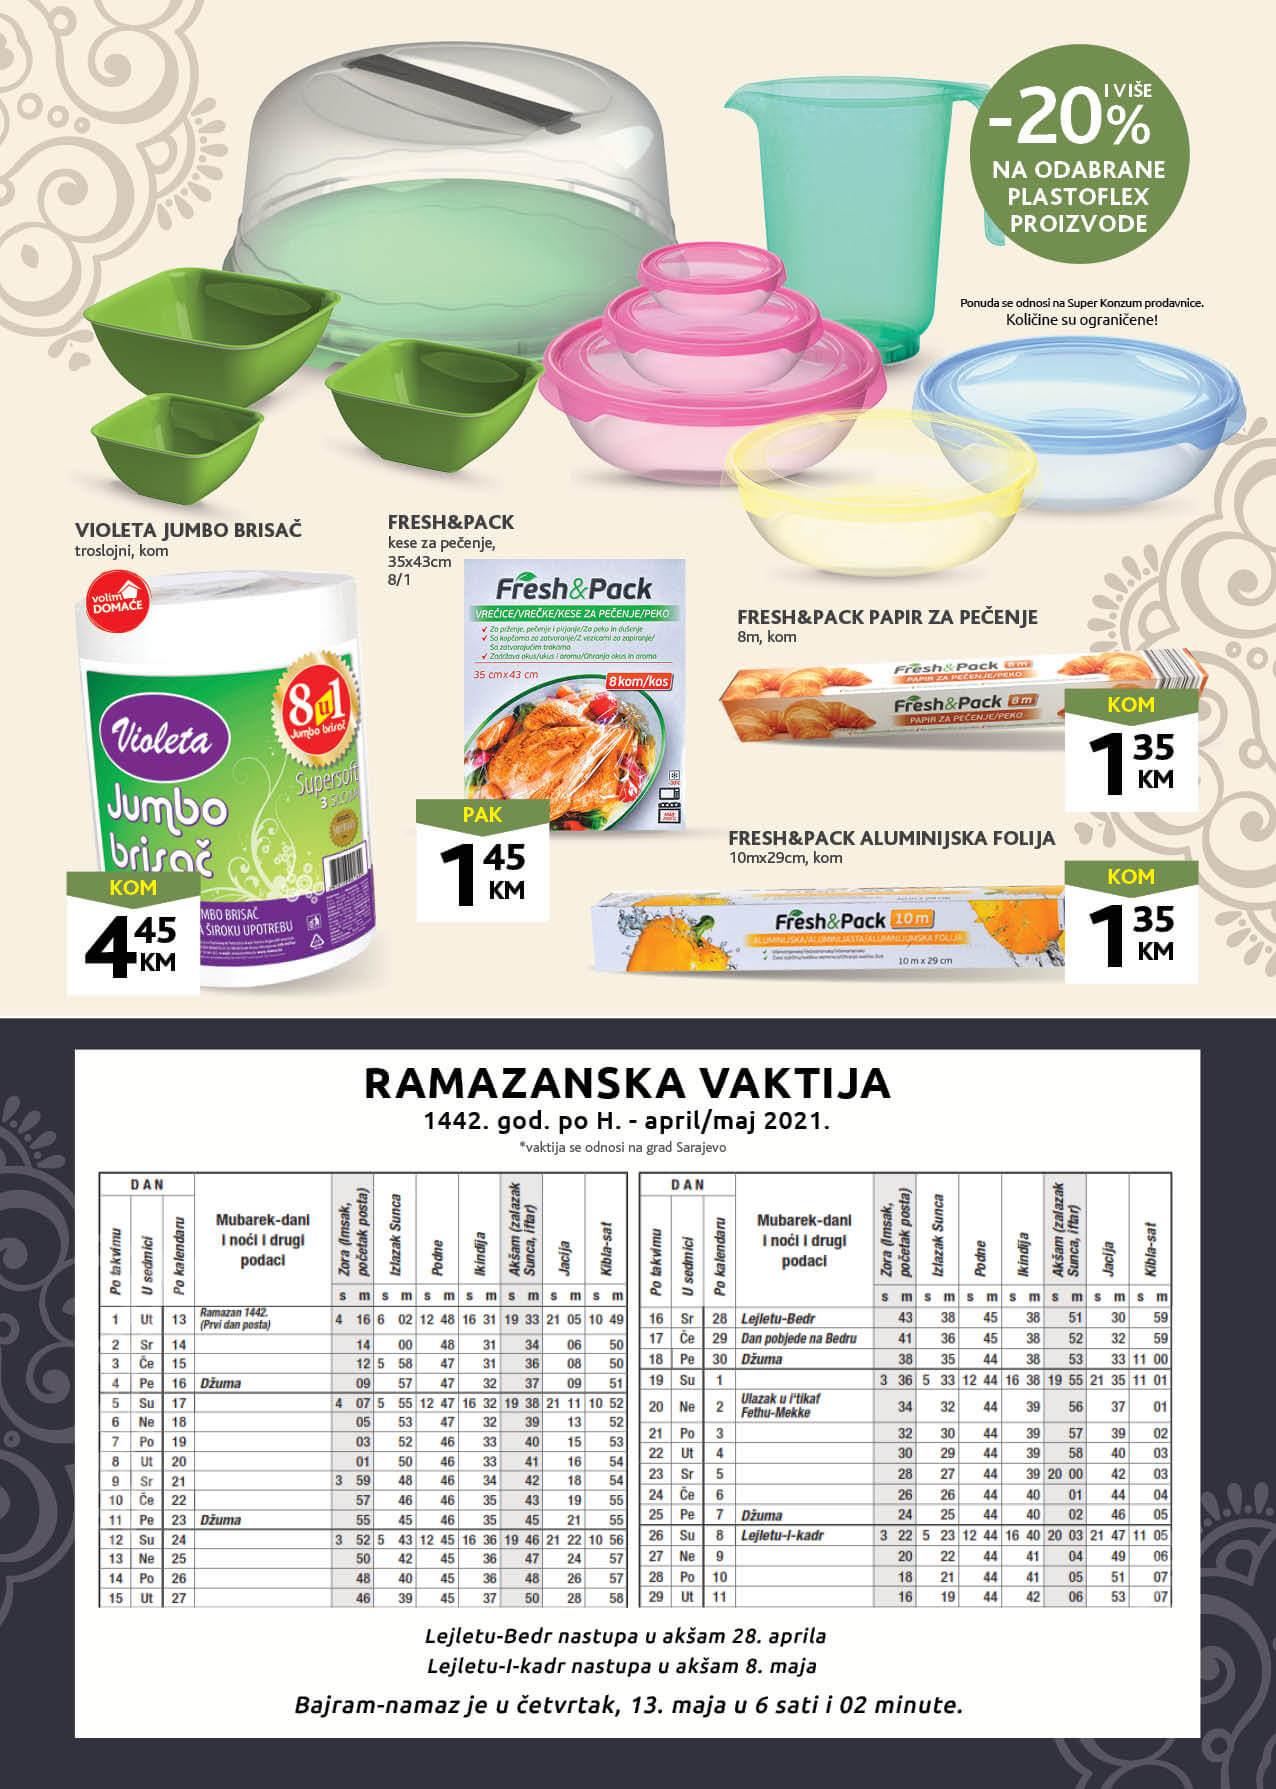 KONZUM Katalog Ramazanska sofra APRIL MAJ 2021 08.04.2021. 09.05.2021. Page 8